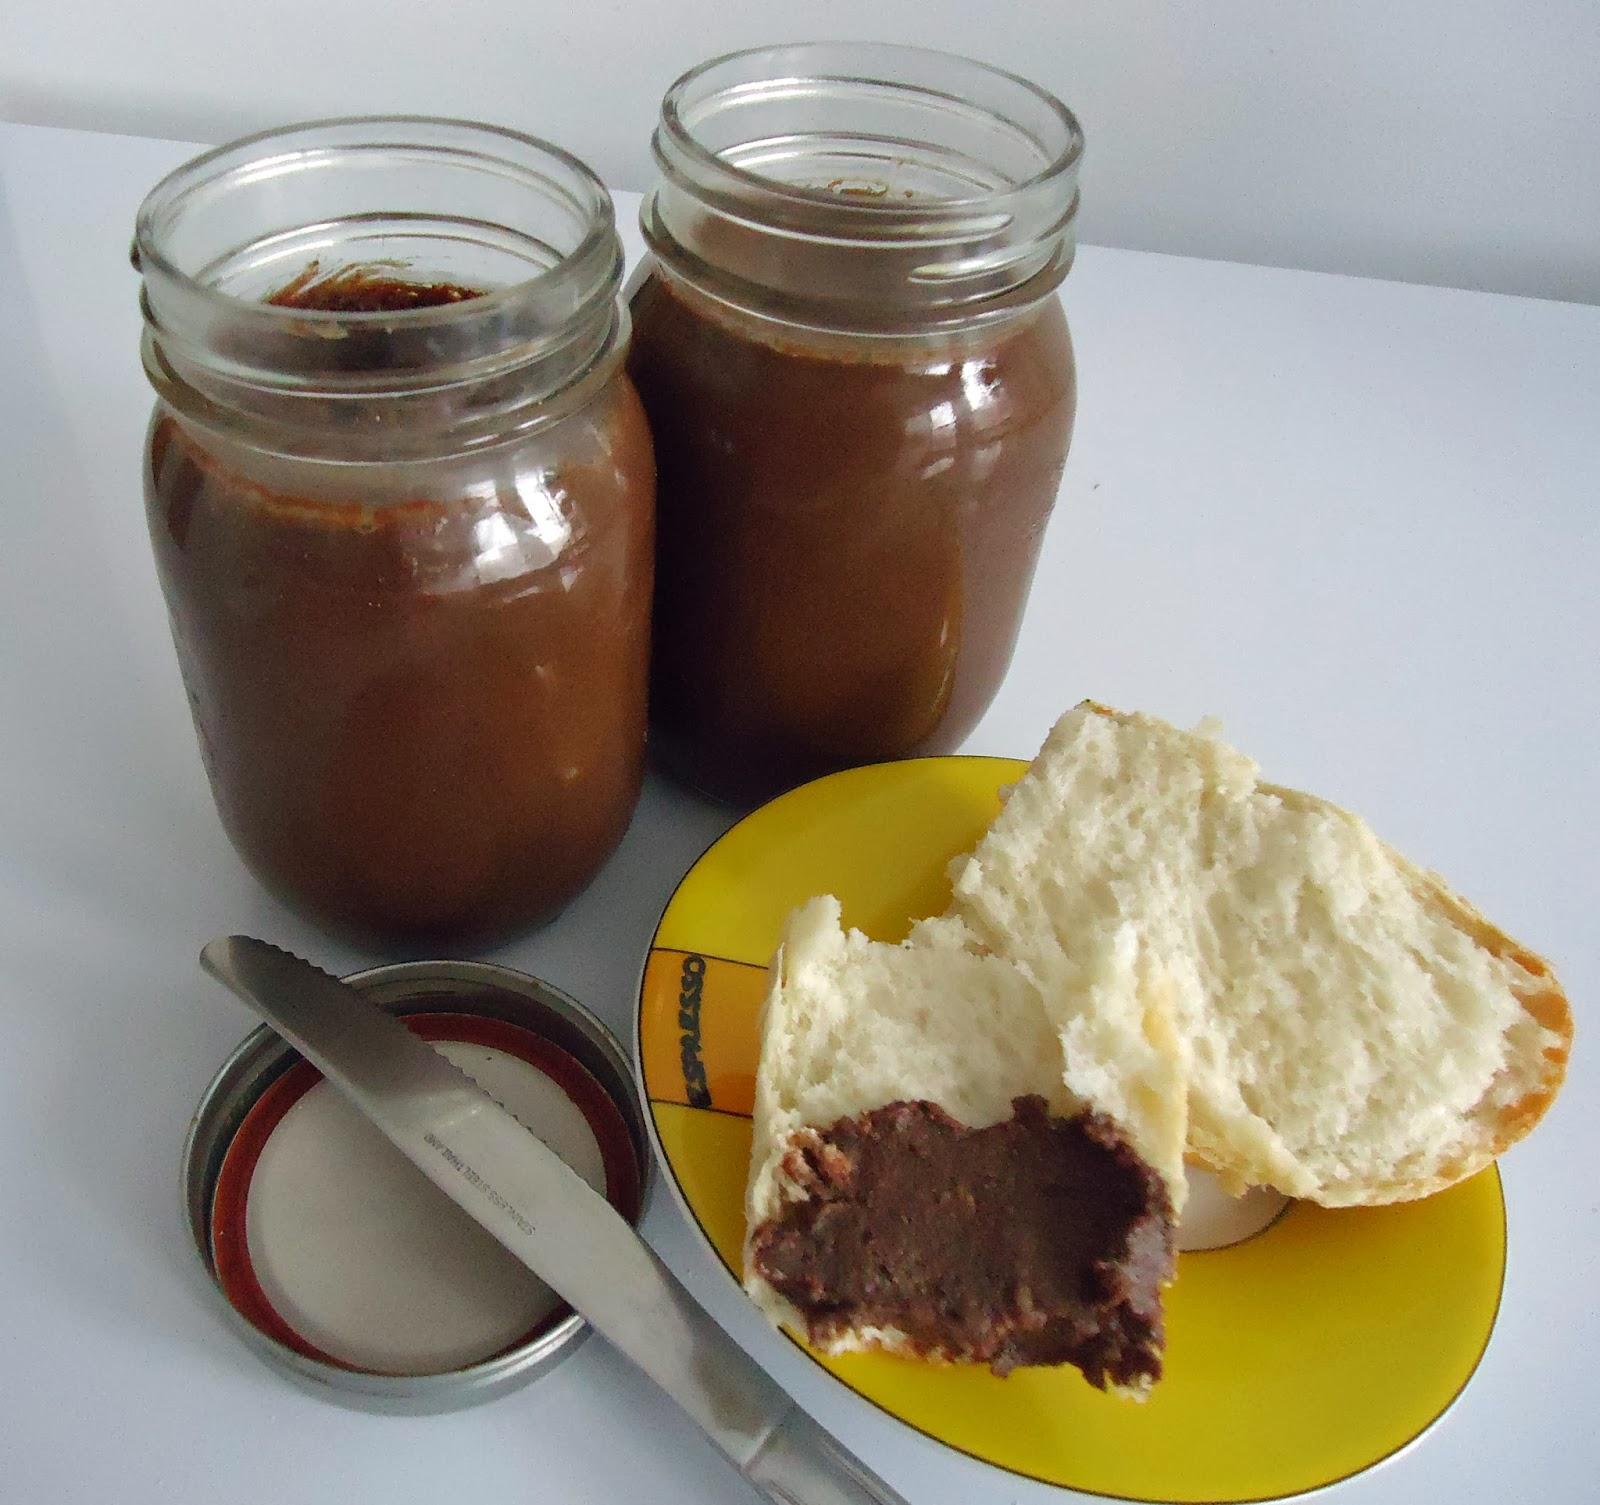 P te tartiner aux amandes et noisettes nutella maison - Nutella maison cuisine futee ...